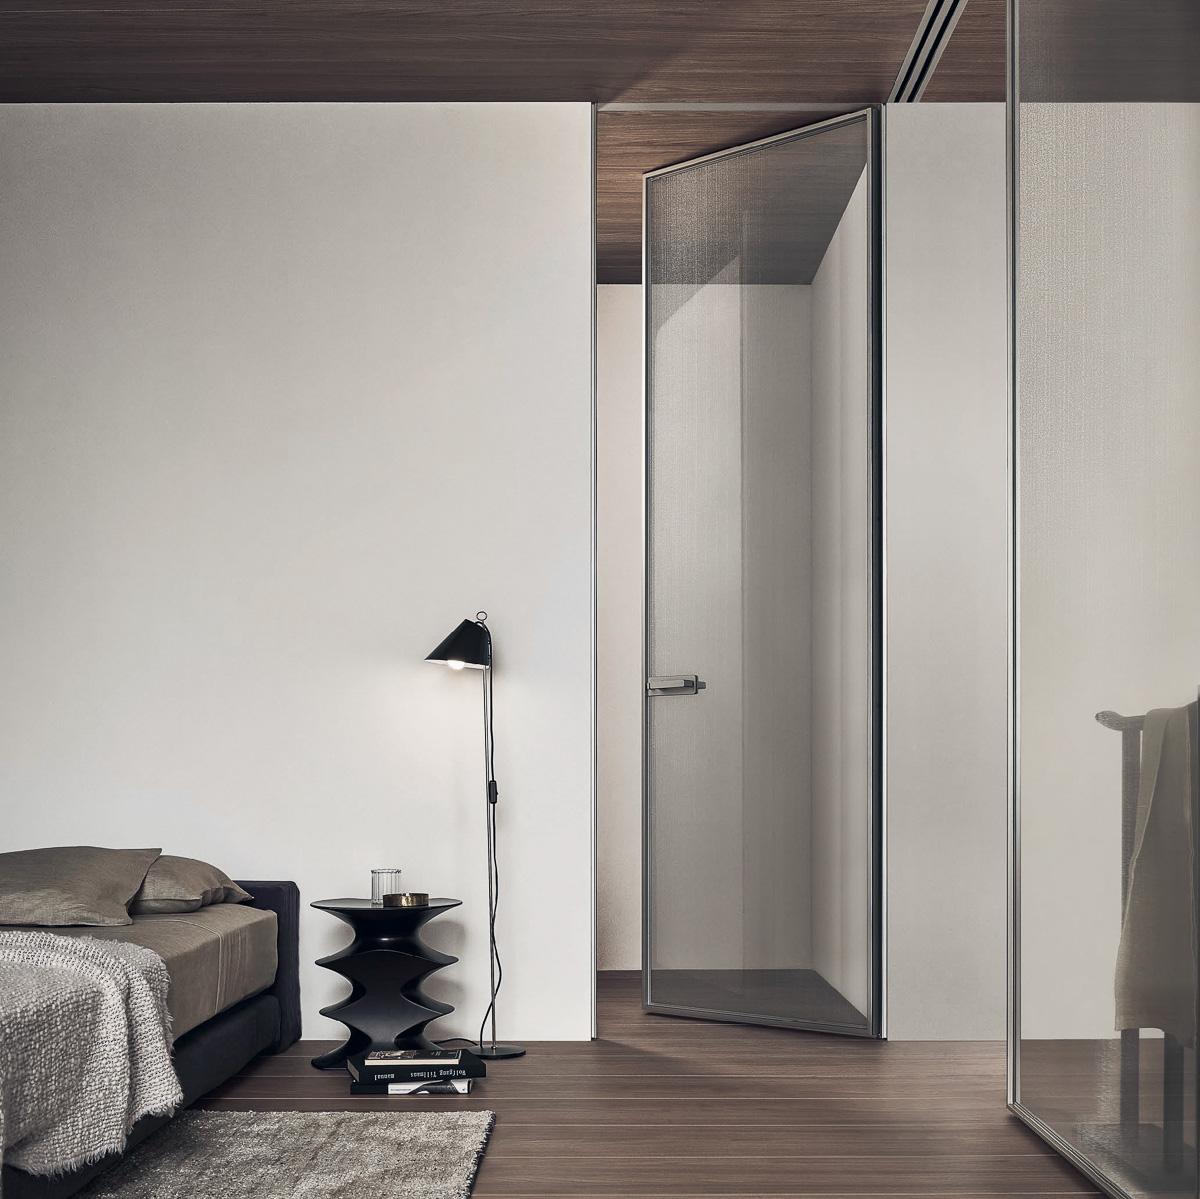 Schlafzimmer mit Glasfront - Wohnraumgestaltung